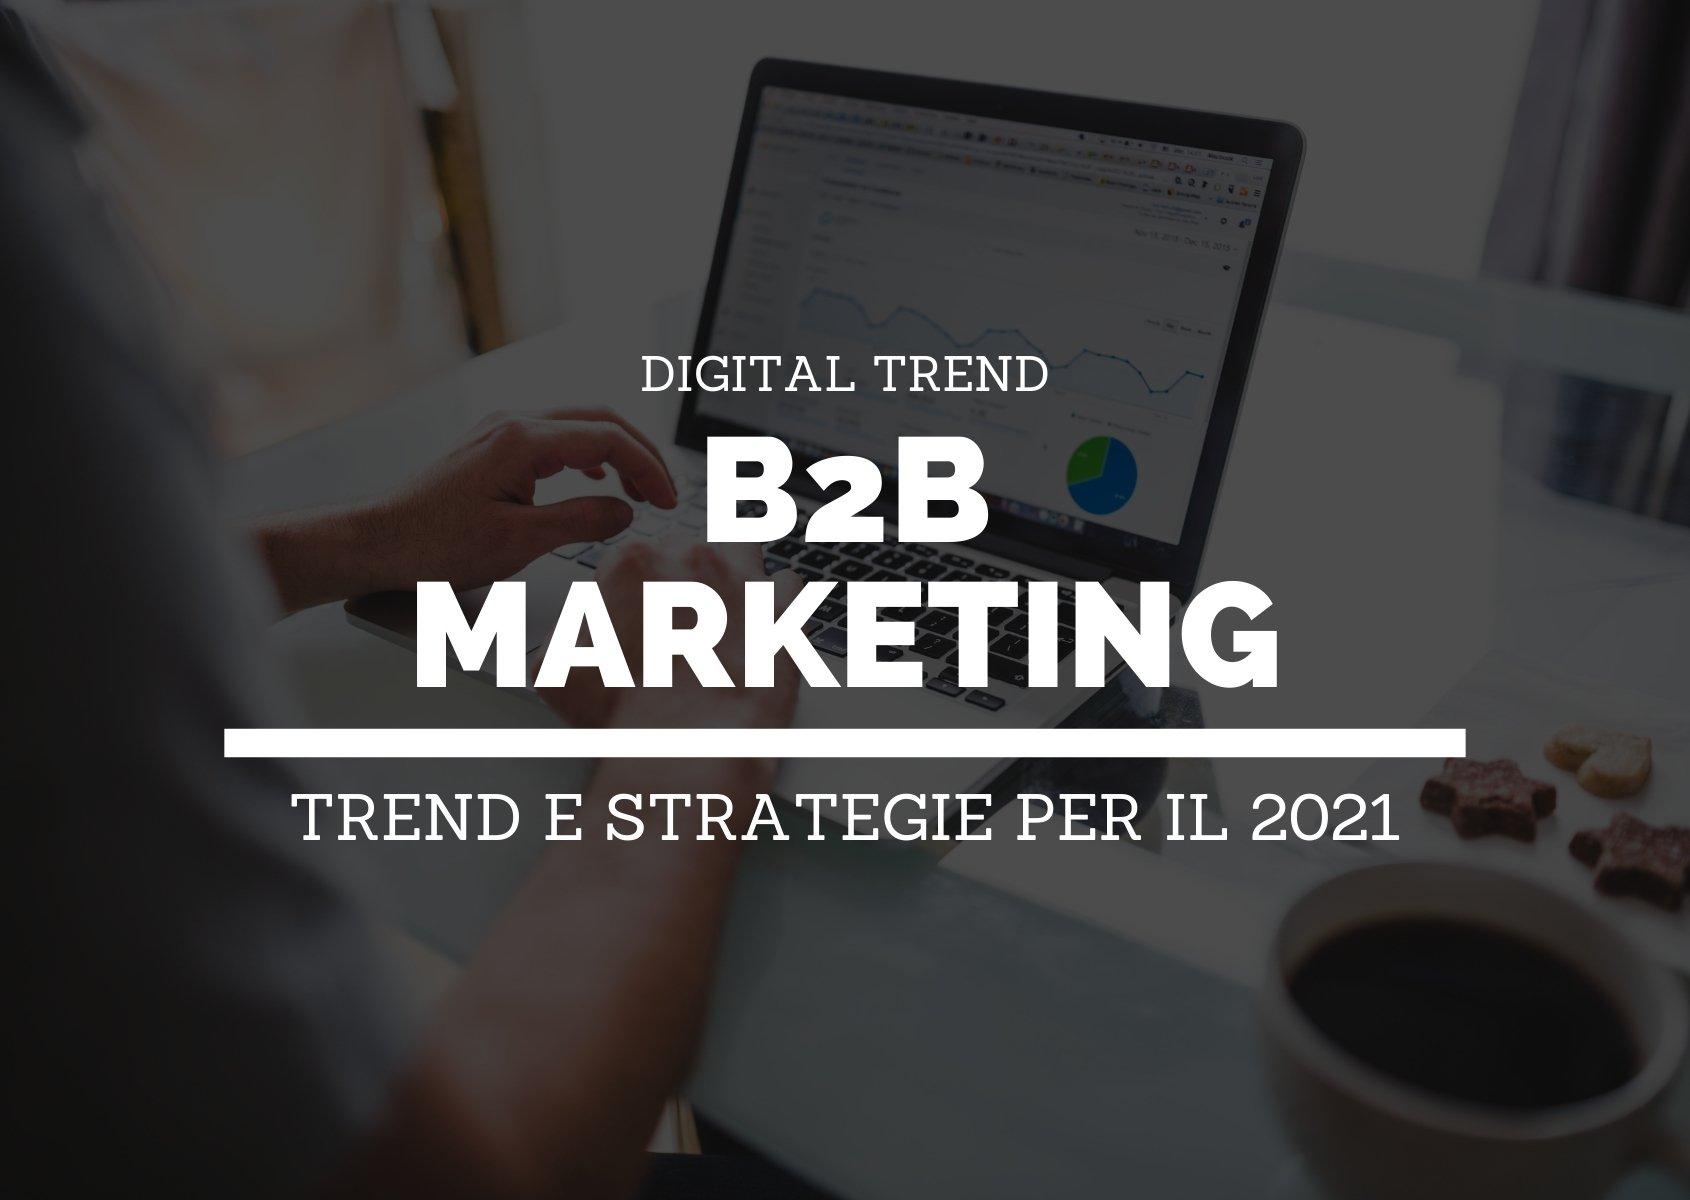 B2B-mkt-trend-2021-header